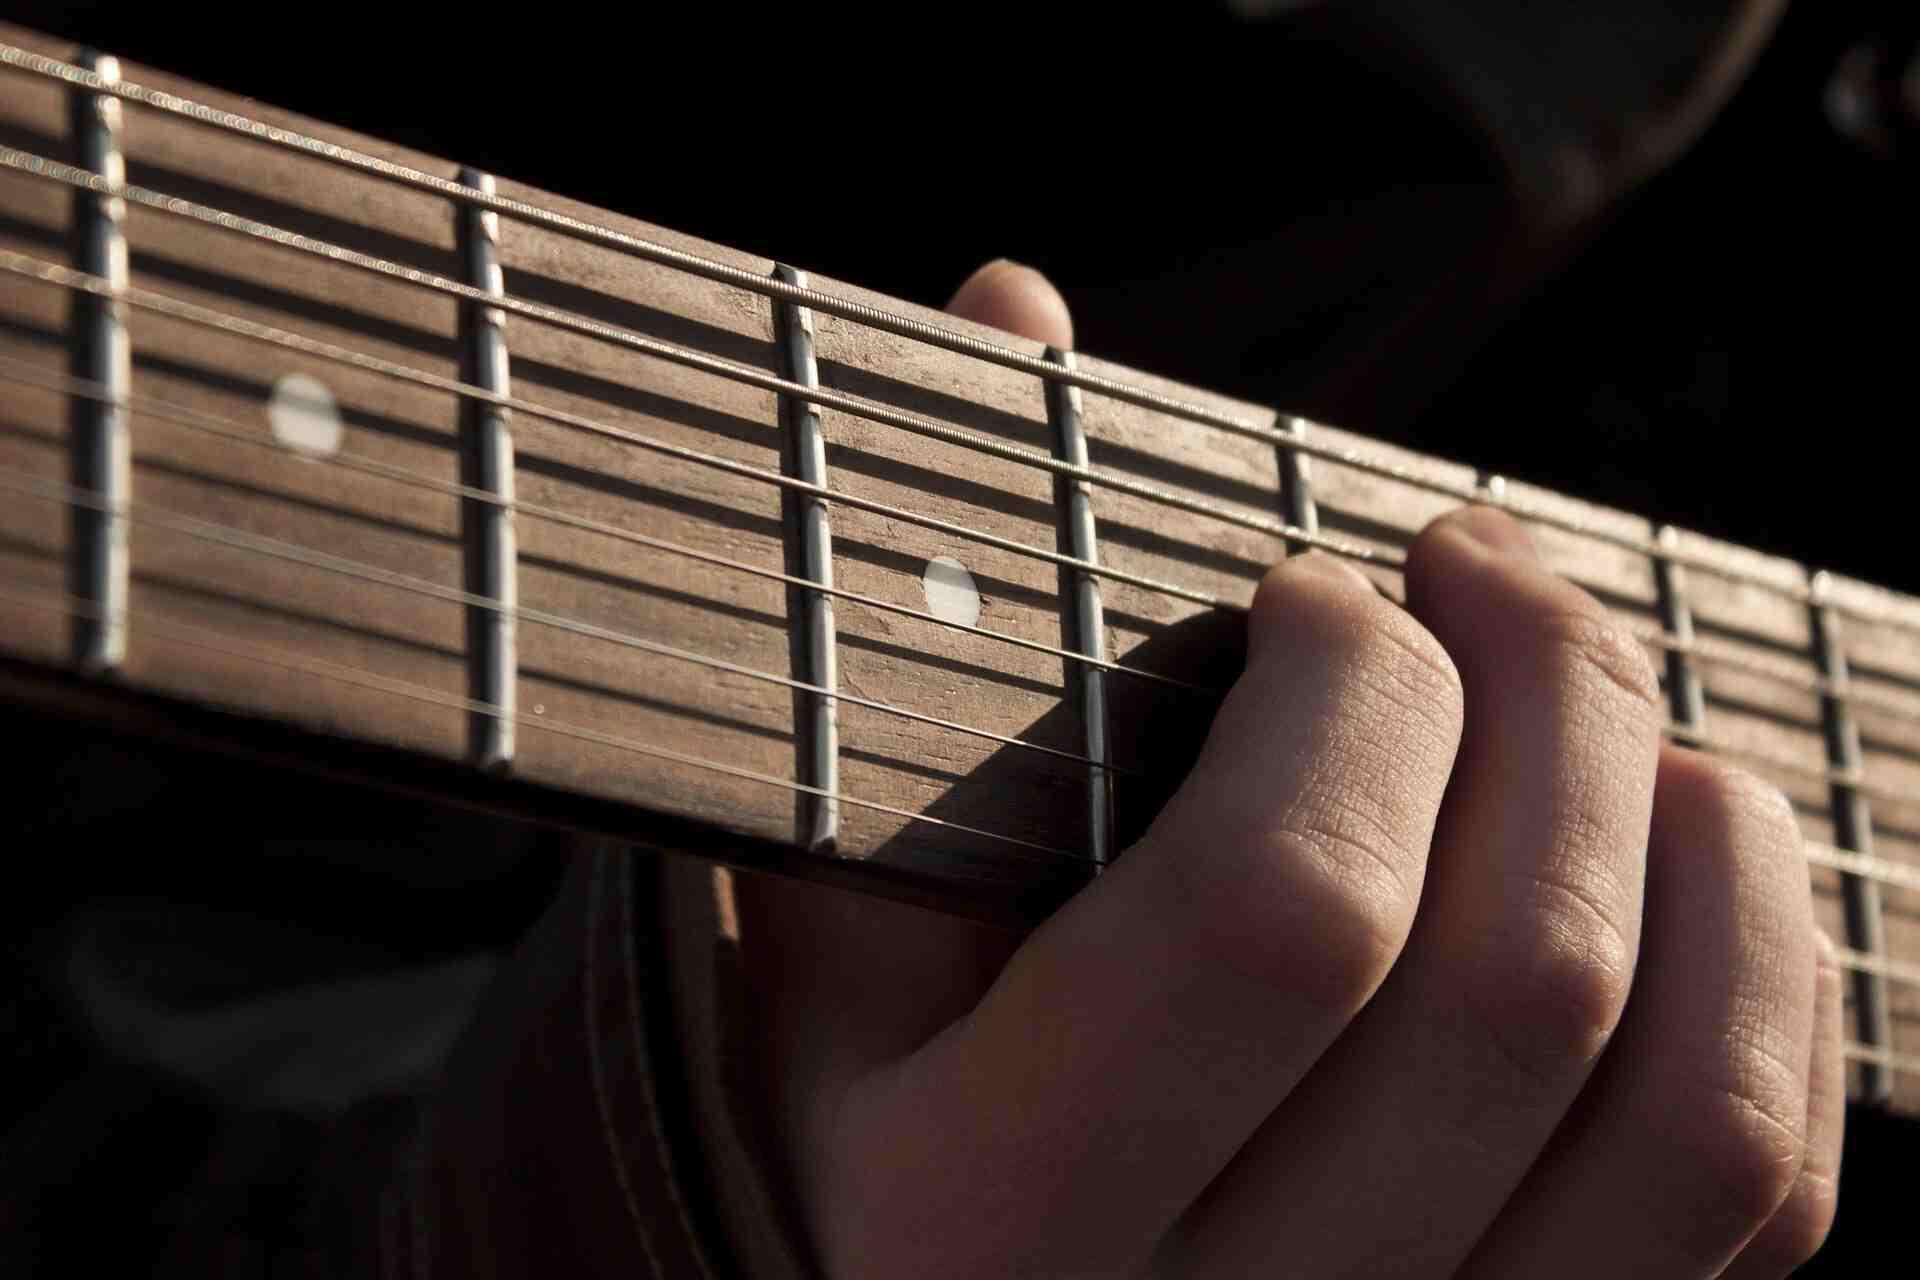 Quel type de guitare pour commencer ?